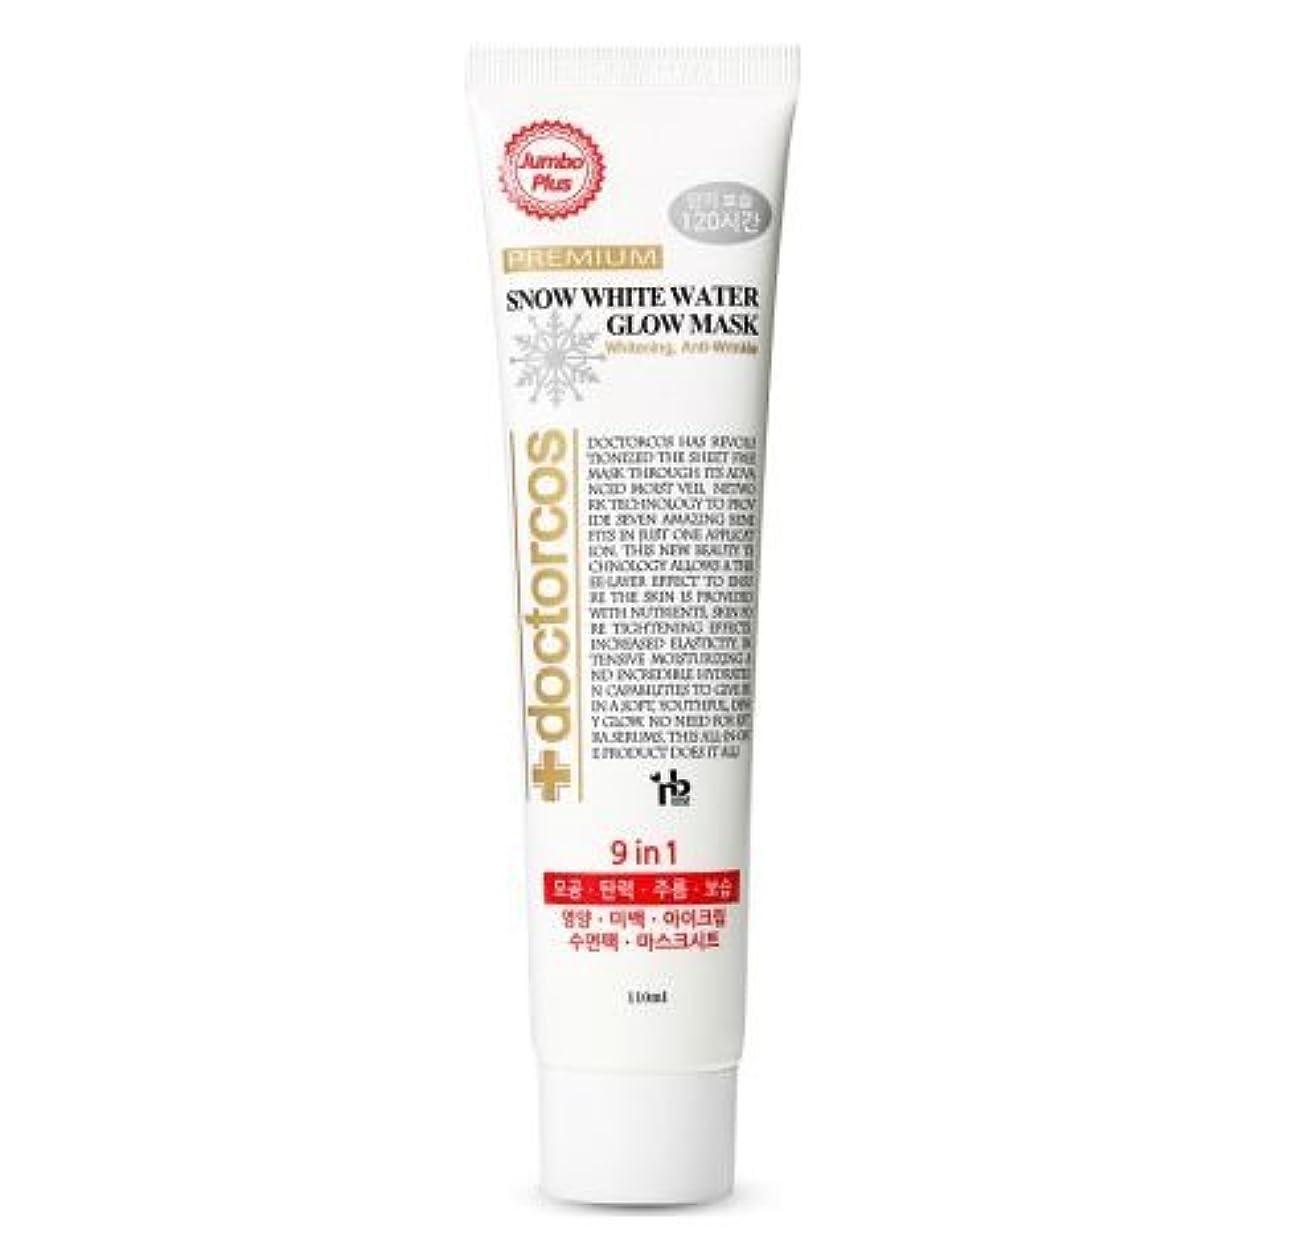 信者加速度業界ドクターコススノーホワイト水光マスク水分クリーム (チューブタイプ) 100ml / Doctorcos Snow White Water Glow Mask Moisture Cream(tube type) [並行輸入品]